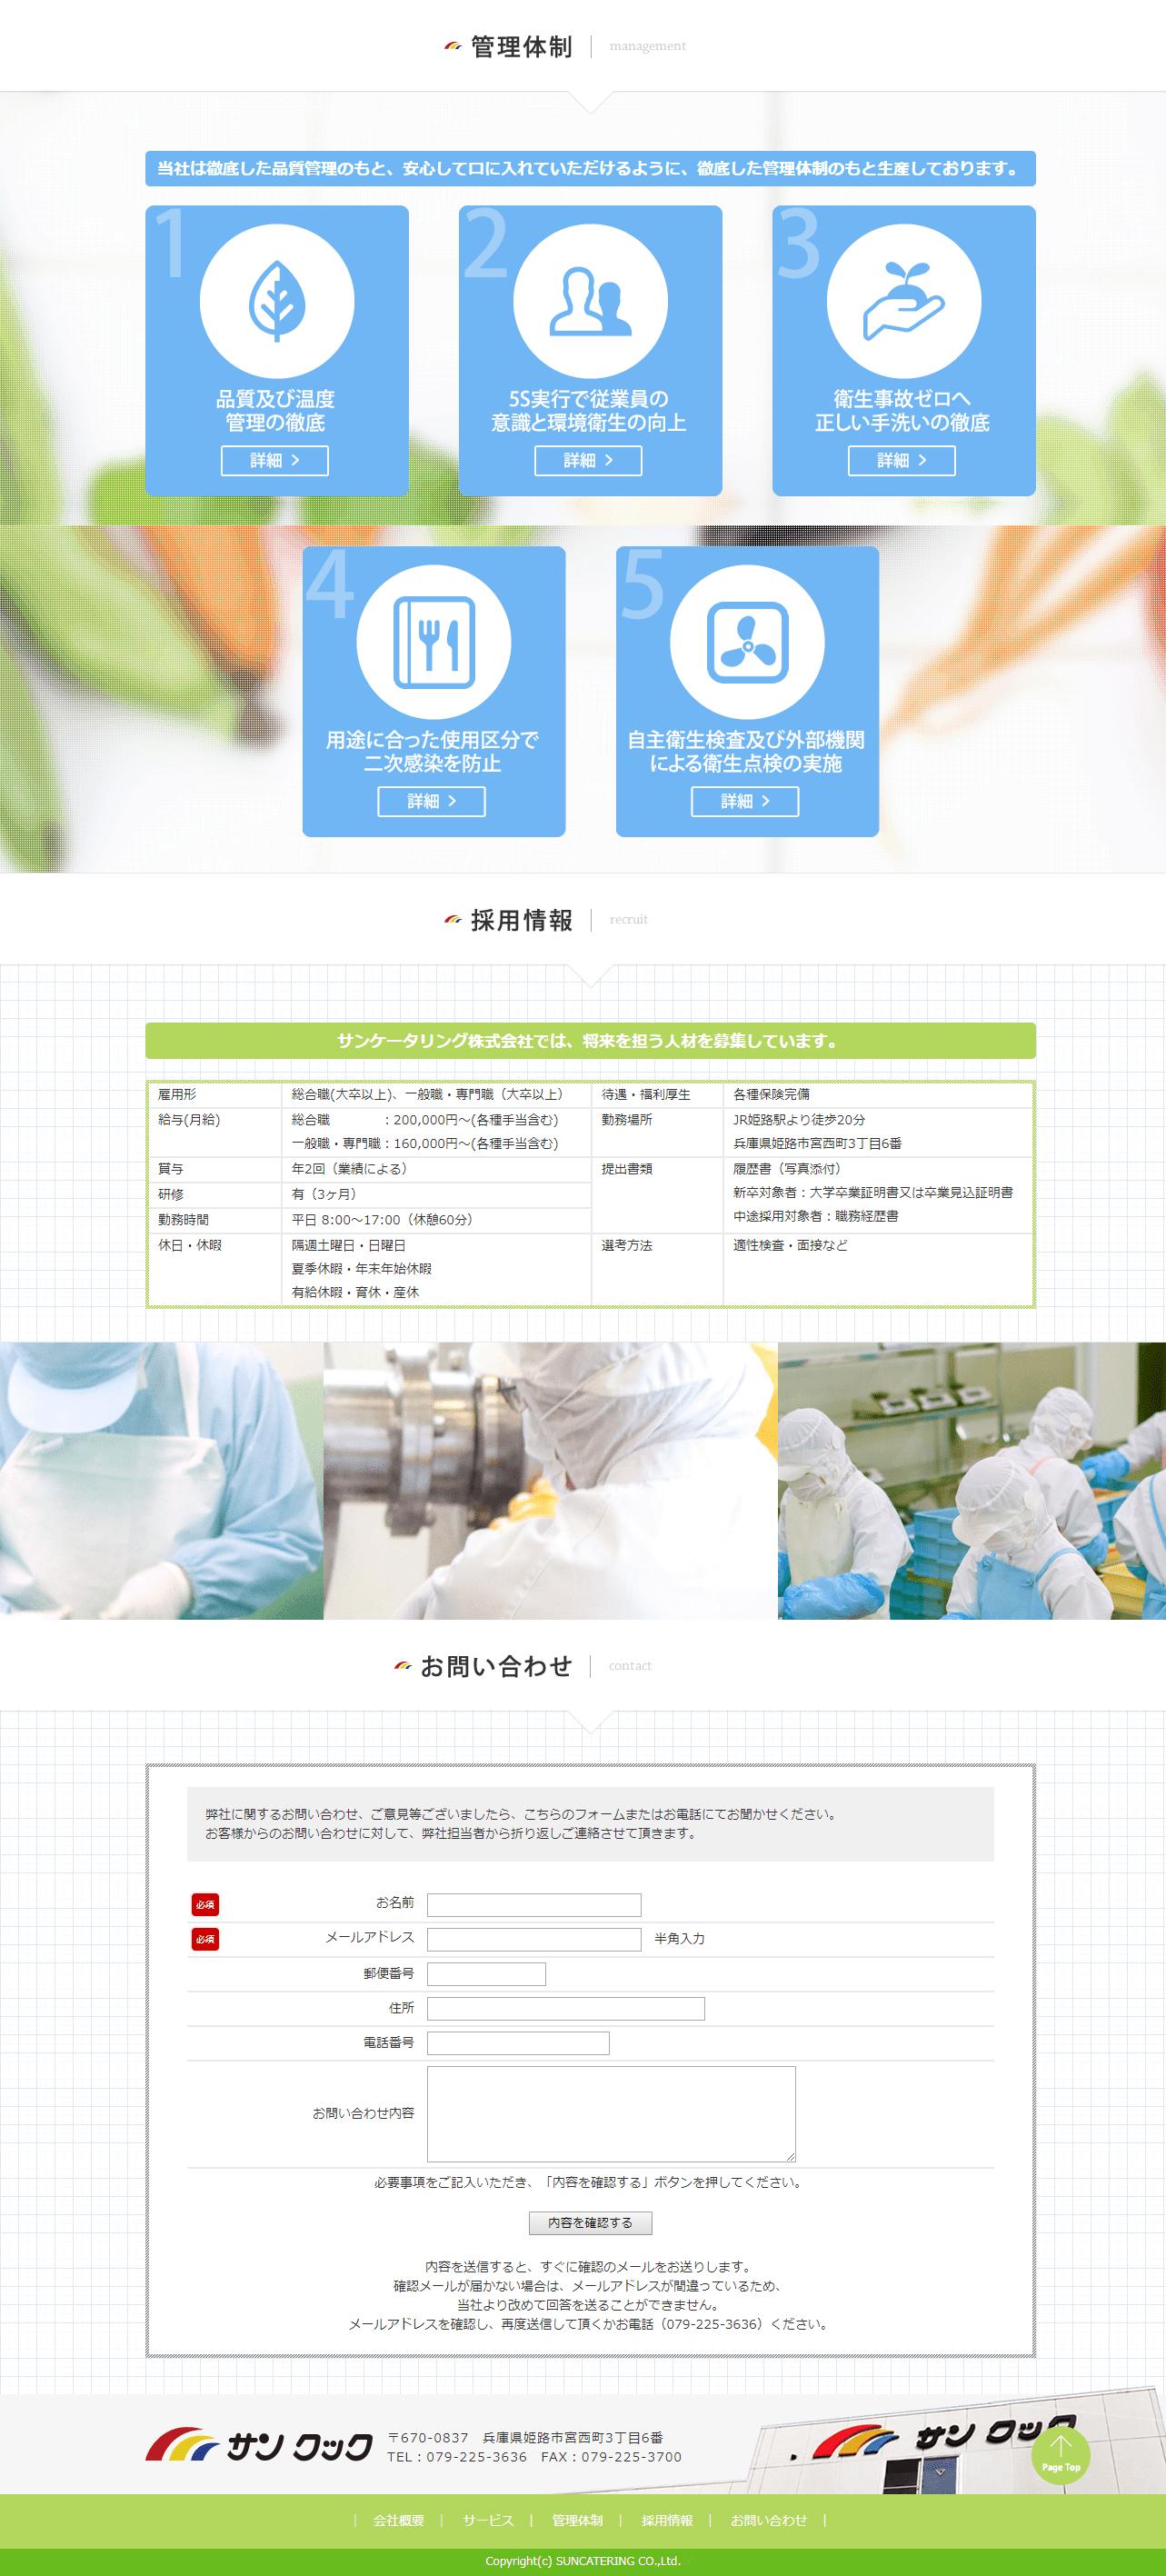 姫路市 サンクック(サンケータリング株式会社)様 ホームページ制作2